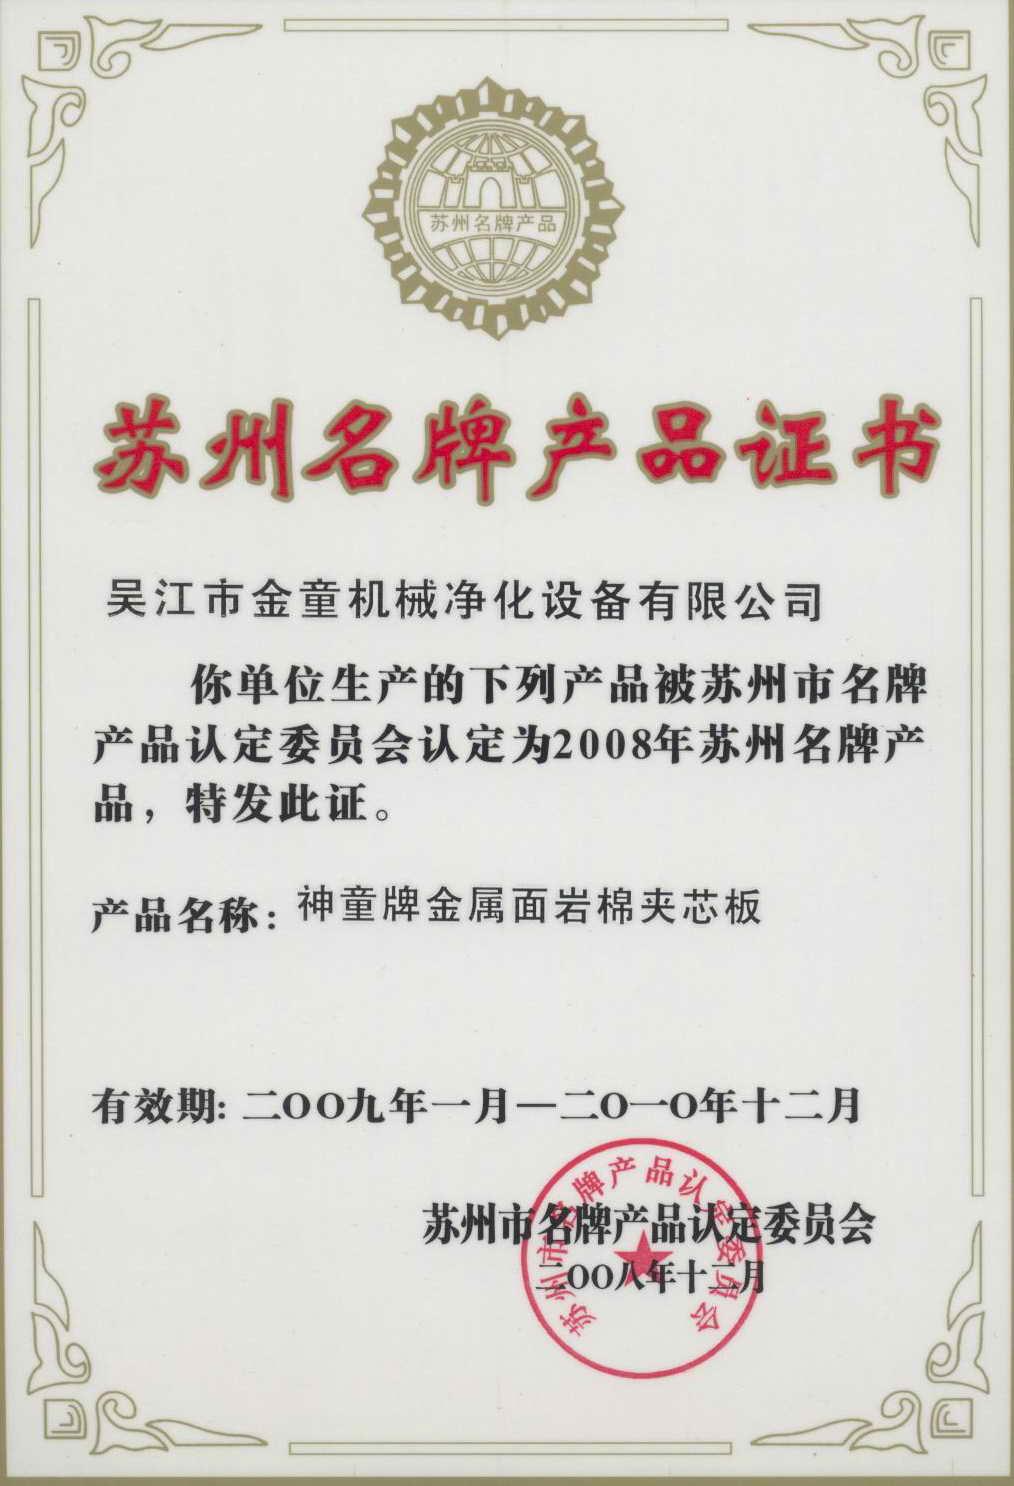 苏州市名牌证书